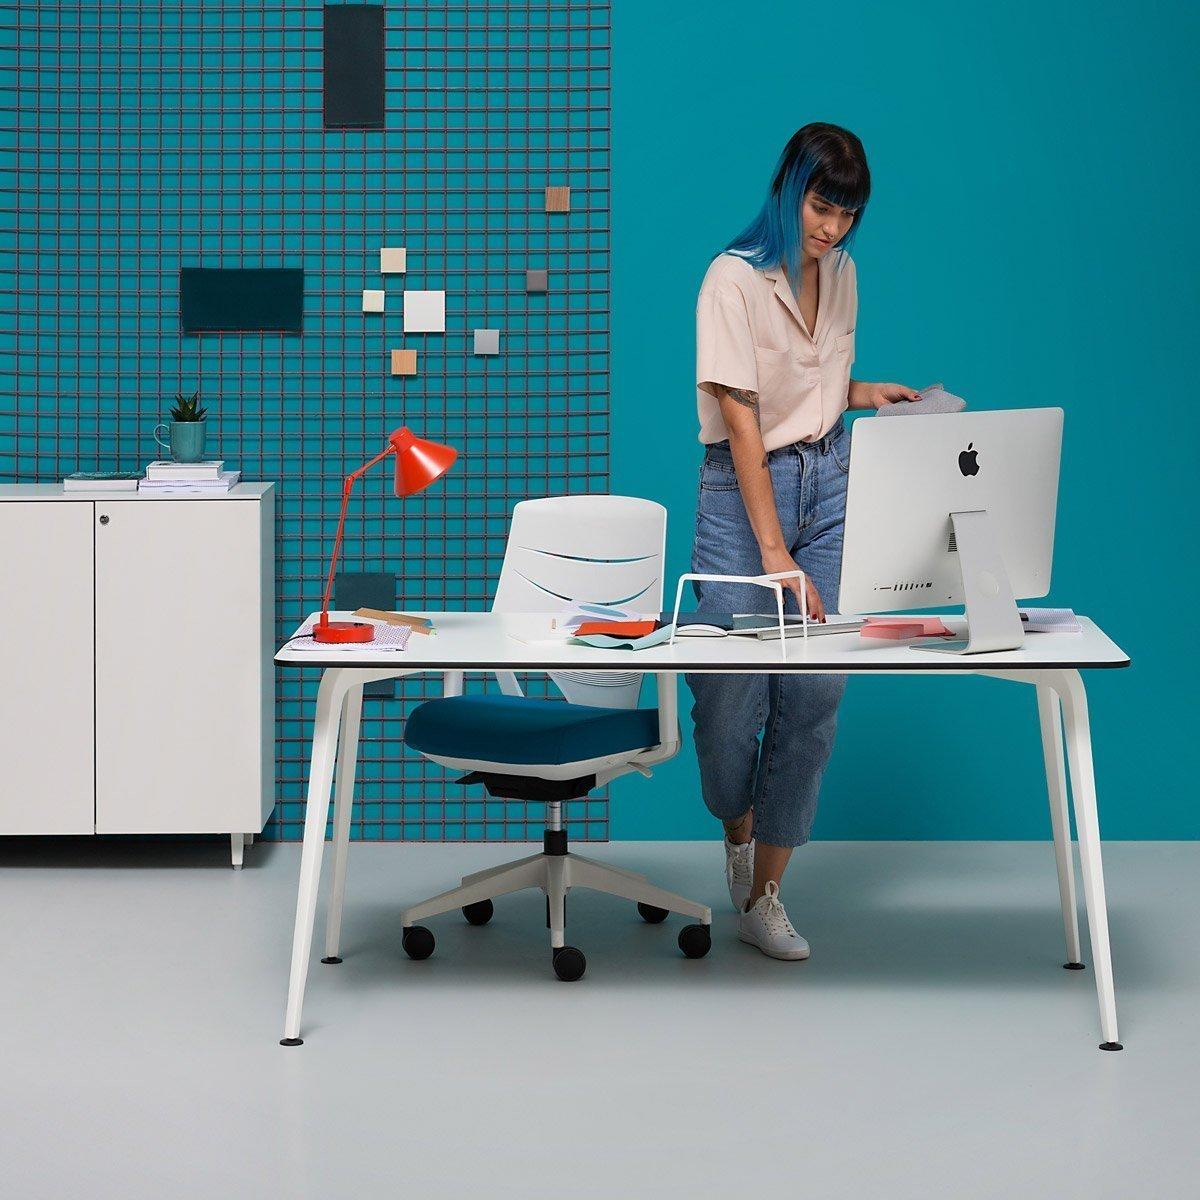 Cómo elegir la mesa de trabajo que mejor se adapta a ti - 49 TWIST 6